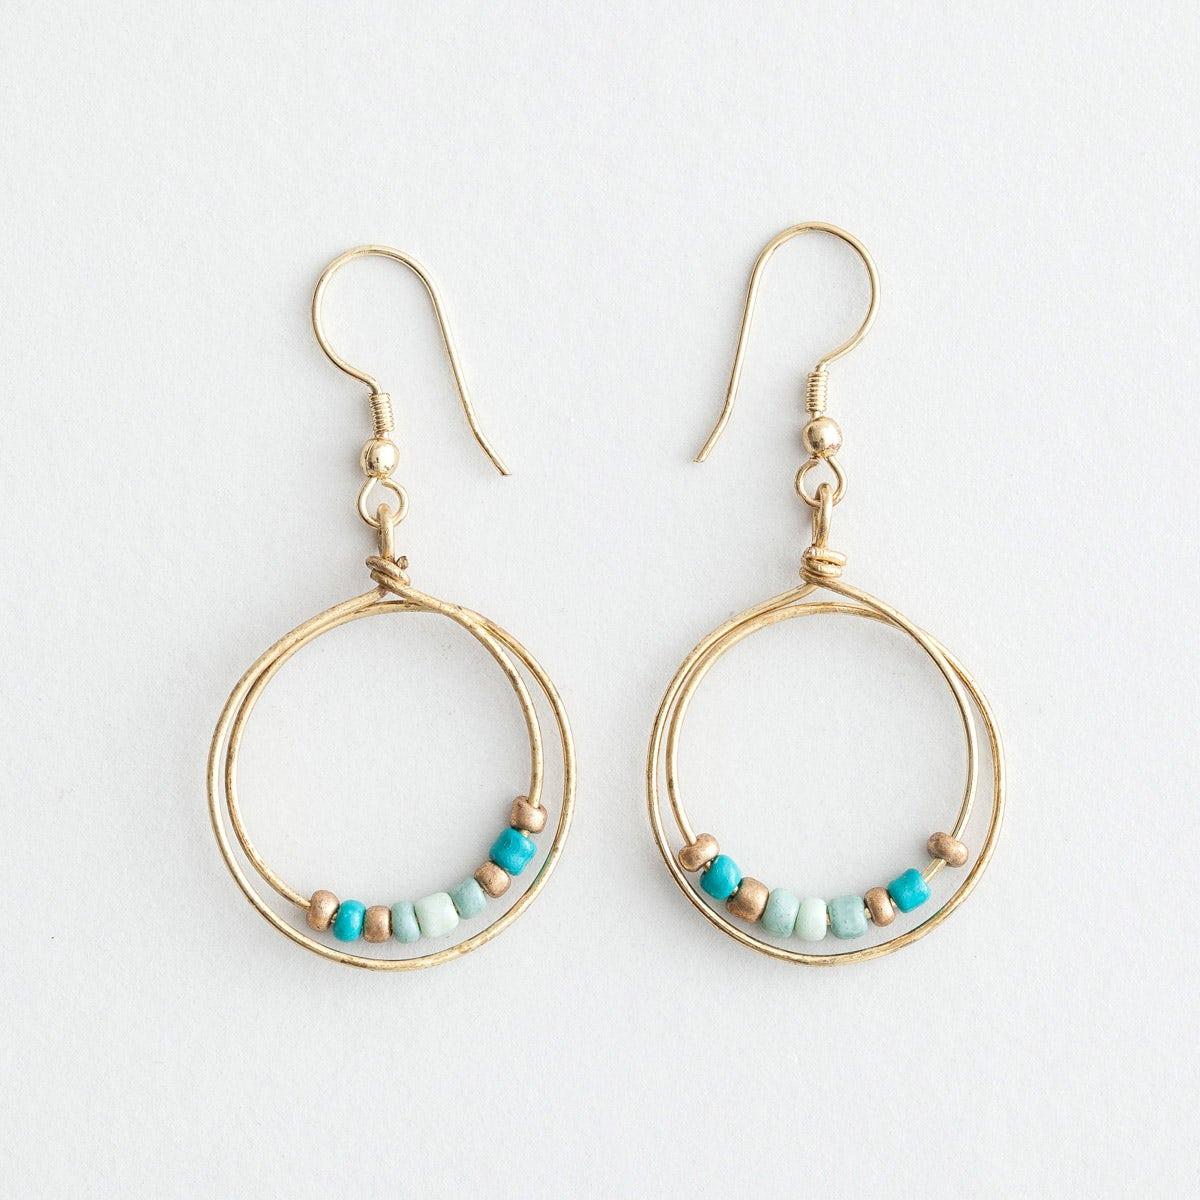 Village Artisan - Friendship Earrings, Blue